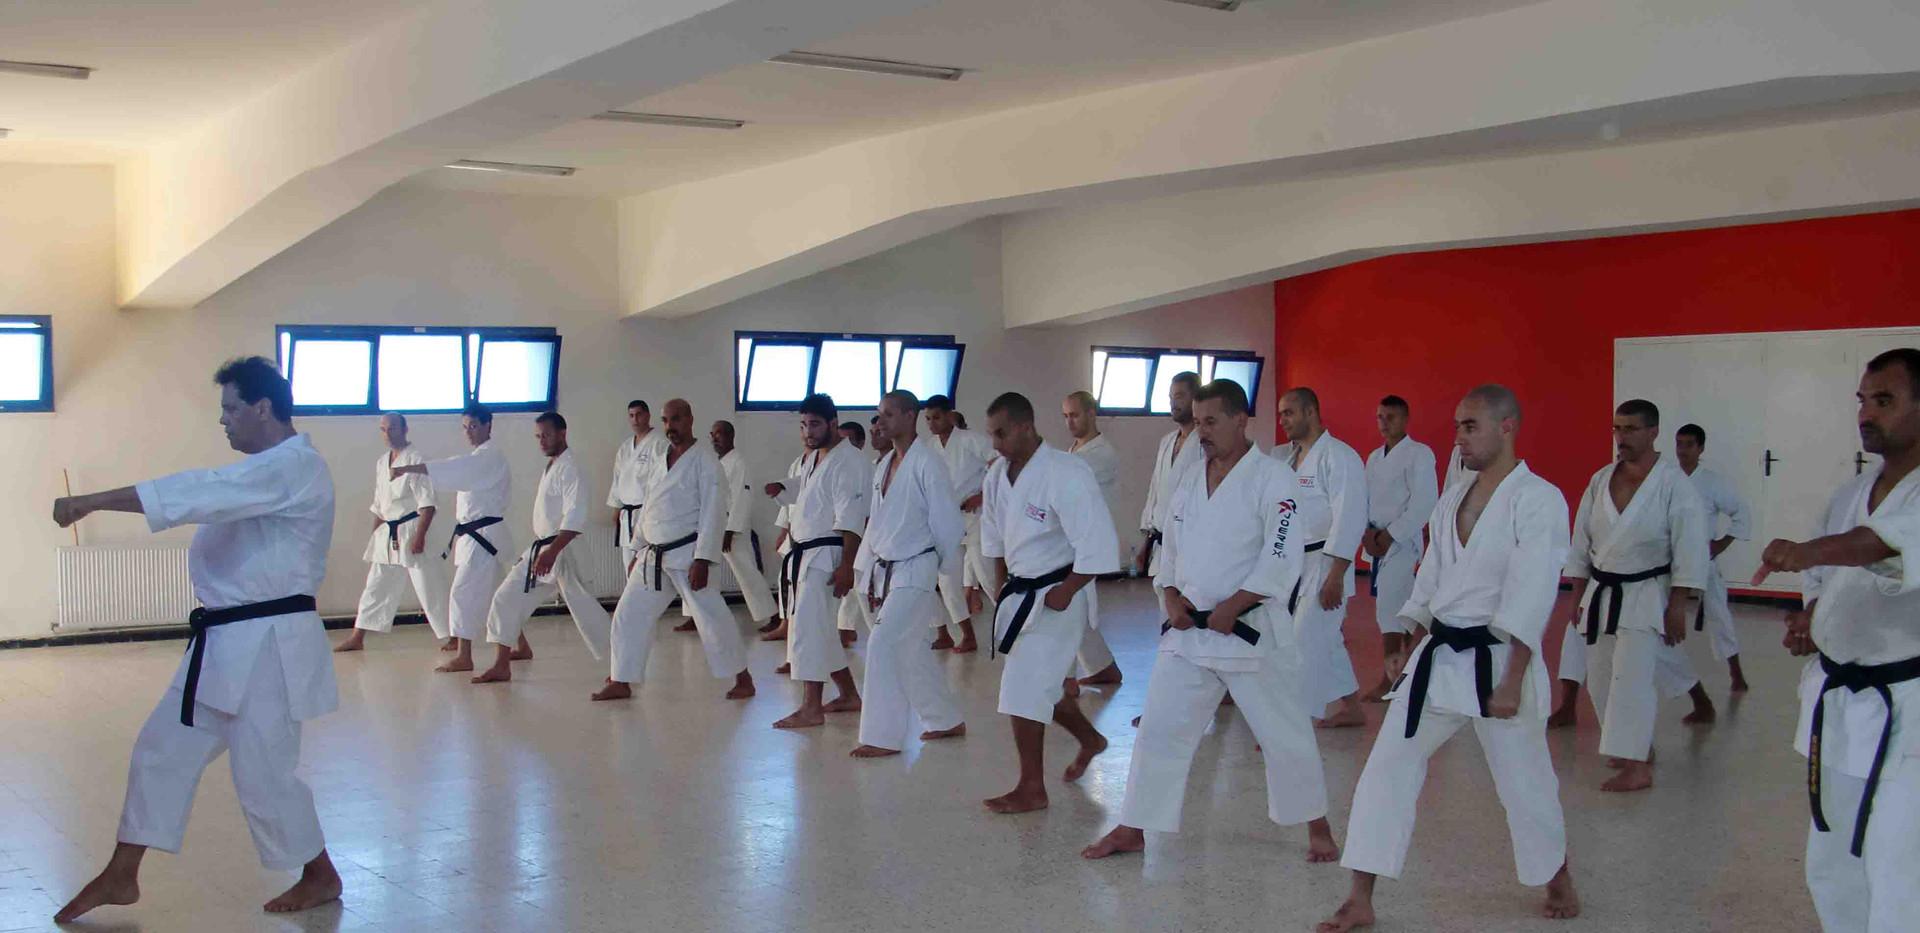 2010 algerie1.jpg